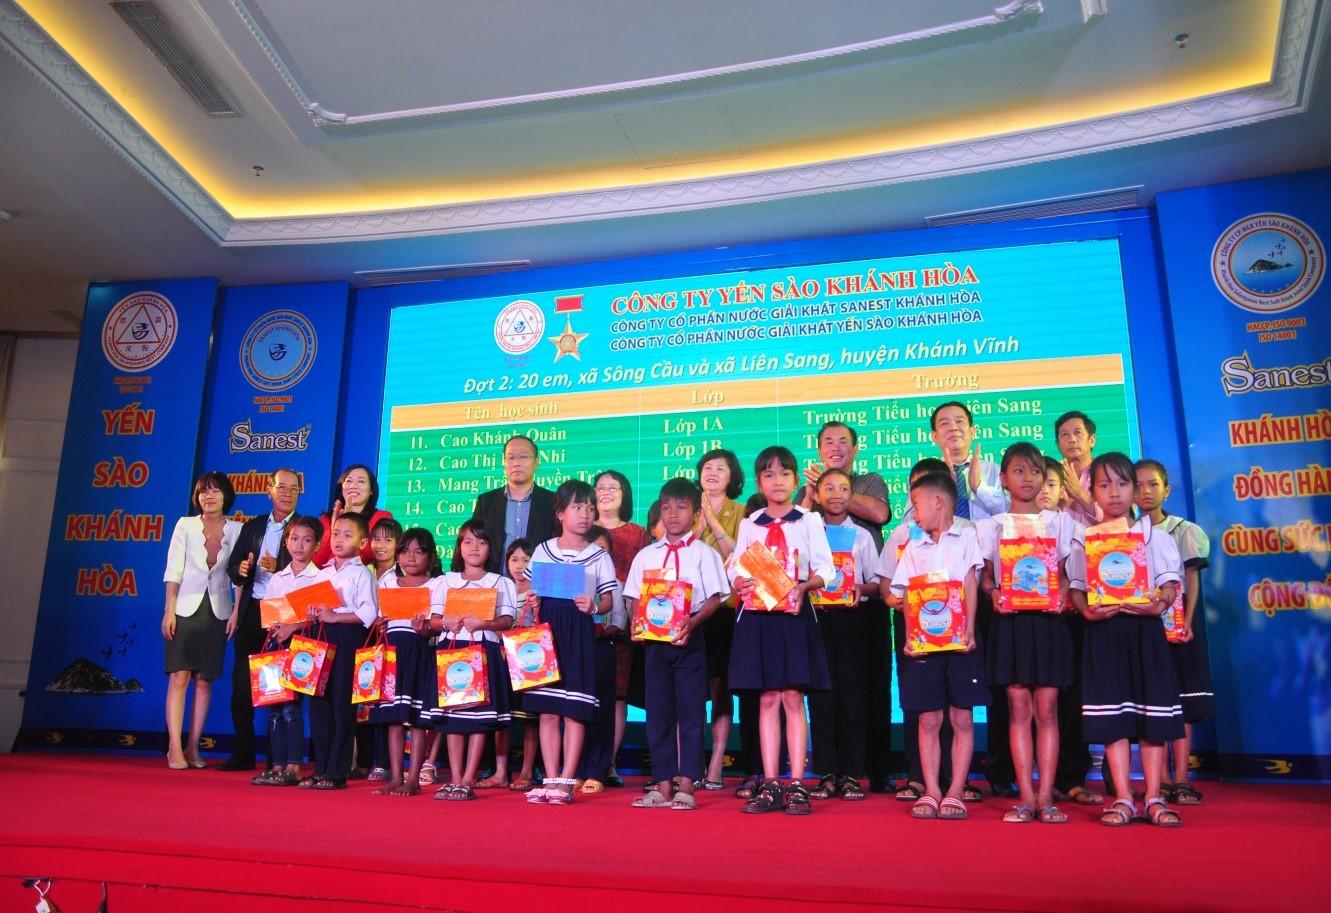 Trao tặng quà cho 60 học sinh nghèo vượt khó học giỏi huyện miền núi Khánh Vĩnh TP Cam Ranh và Nha Trang